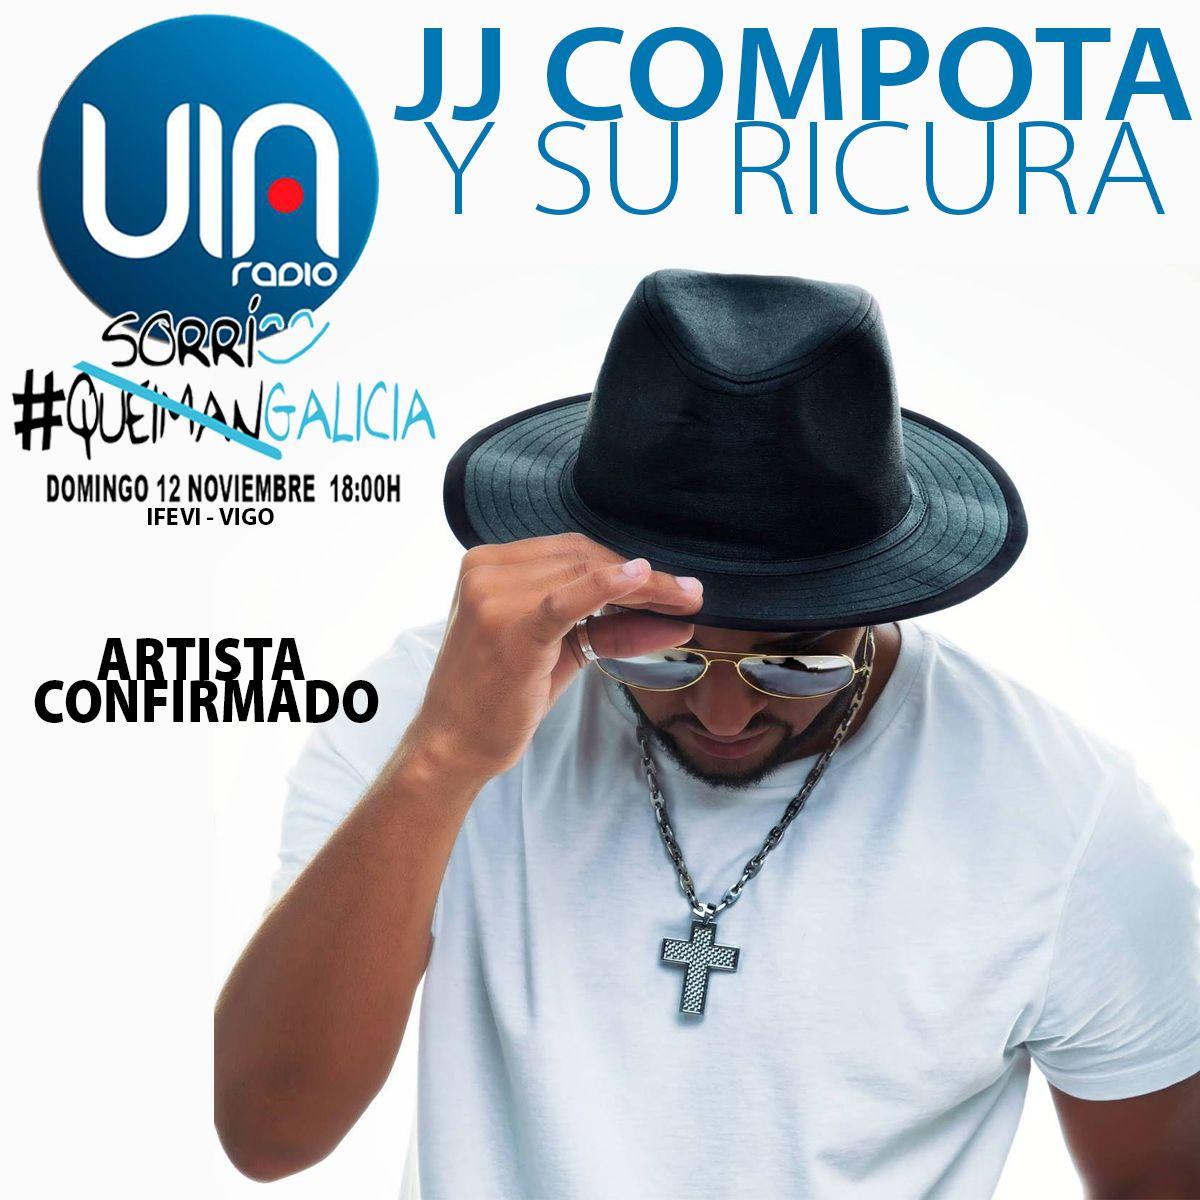 Suena en @via_radio #TIMBAKUTIRI un temazo de @compotayricura, uno de los artistas confirmados para el #SorriGalicia. No te lo pierdas!! https://t.co/cBS1a8eITZ